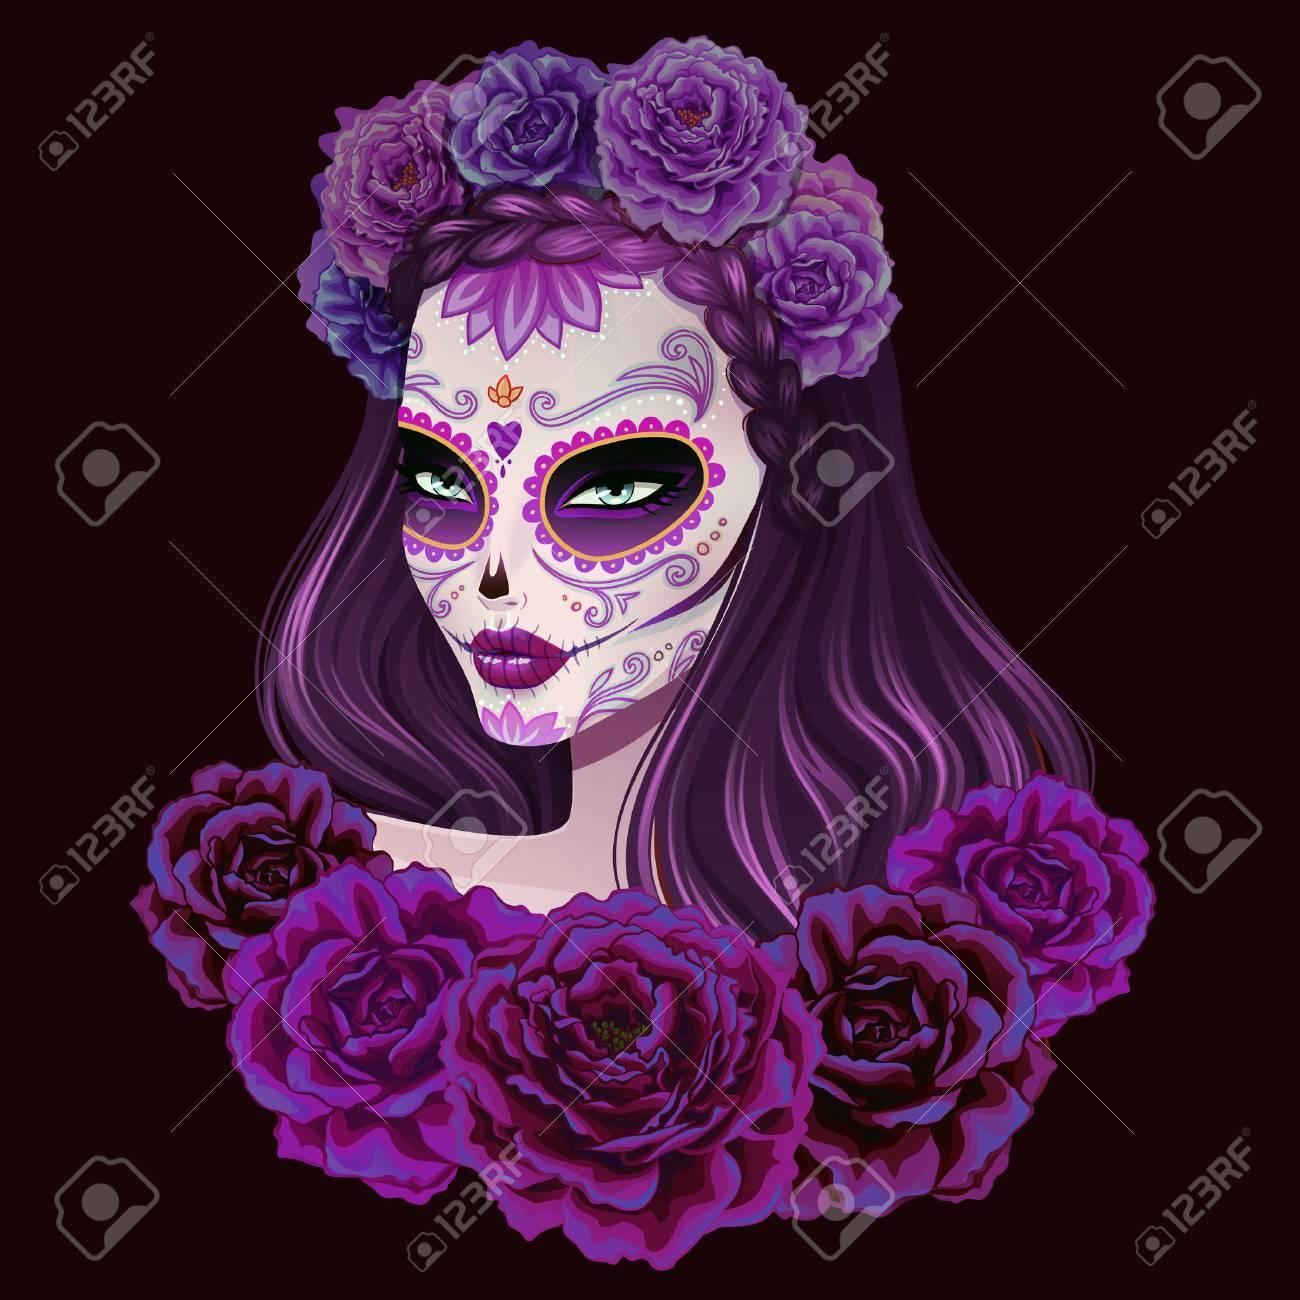 Beautiful sugar skull woman illustration. Day of dead vector illustration. - 53981491